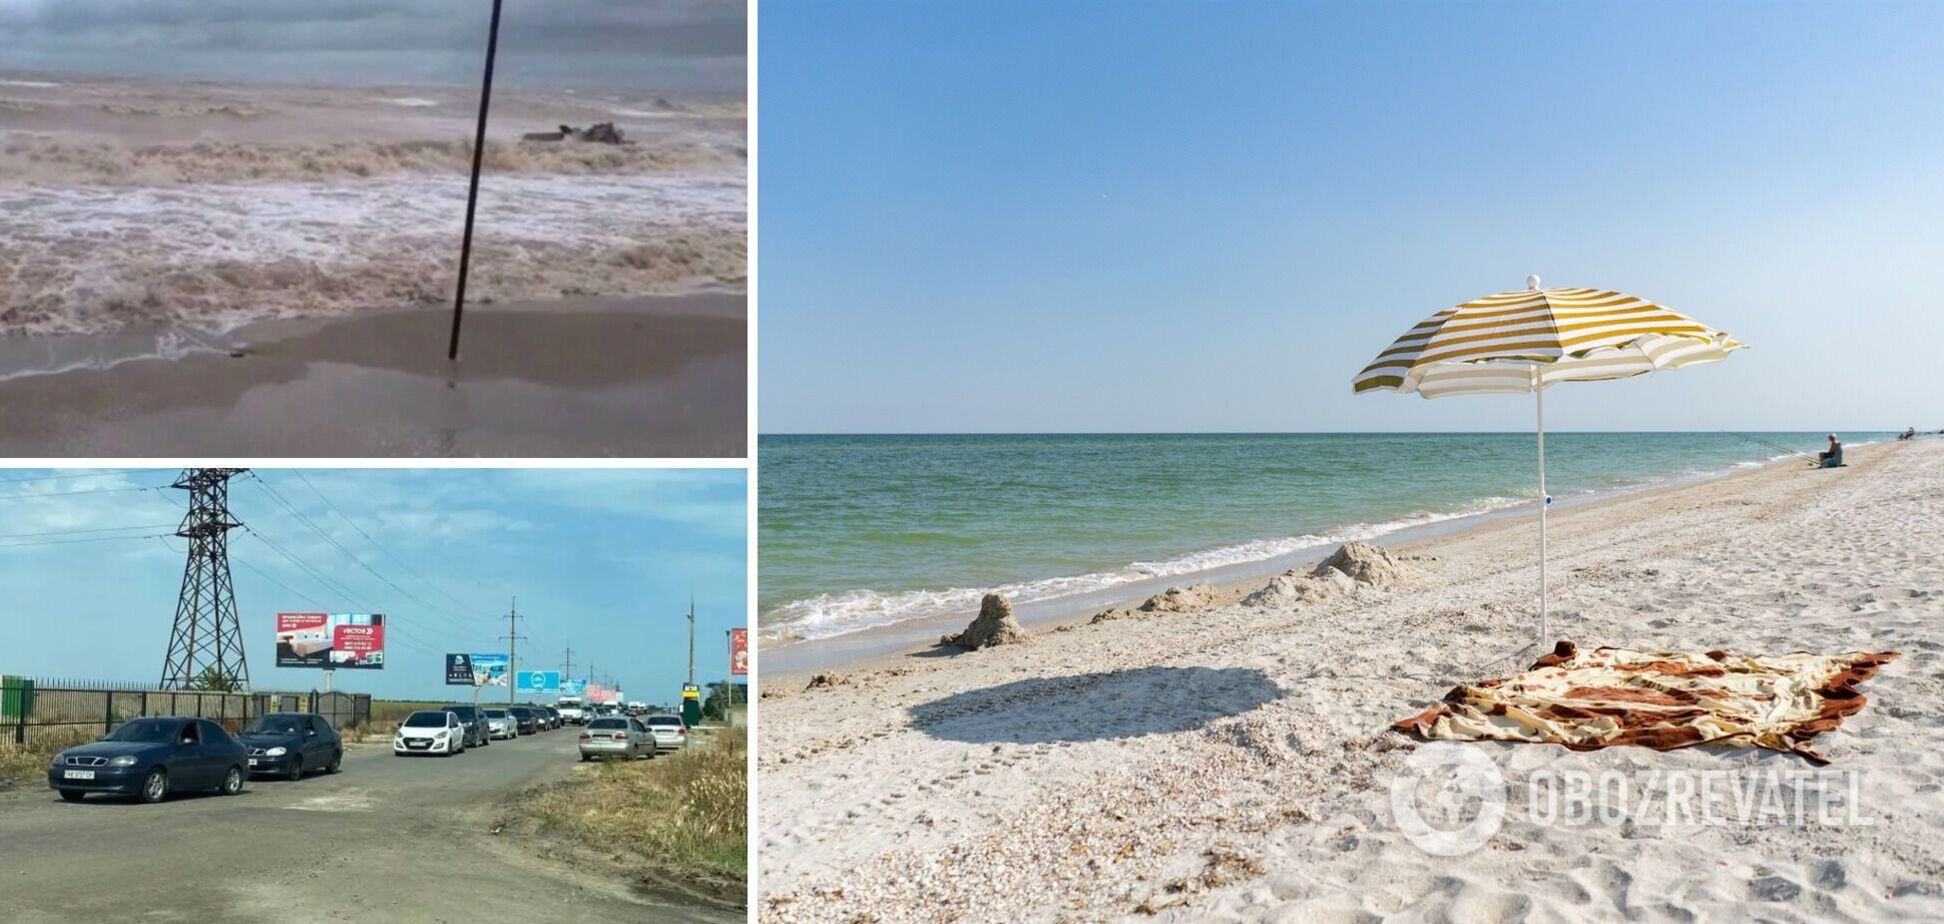 Кирилівка море сьогодні штормить